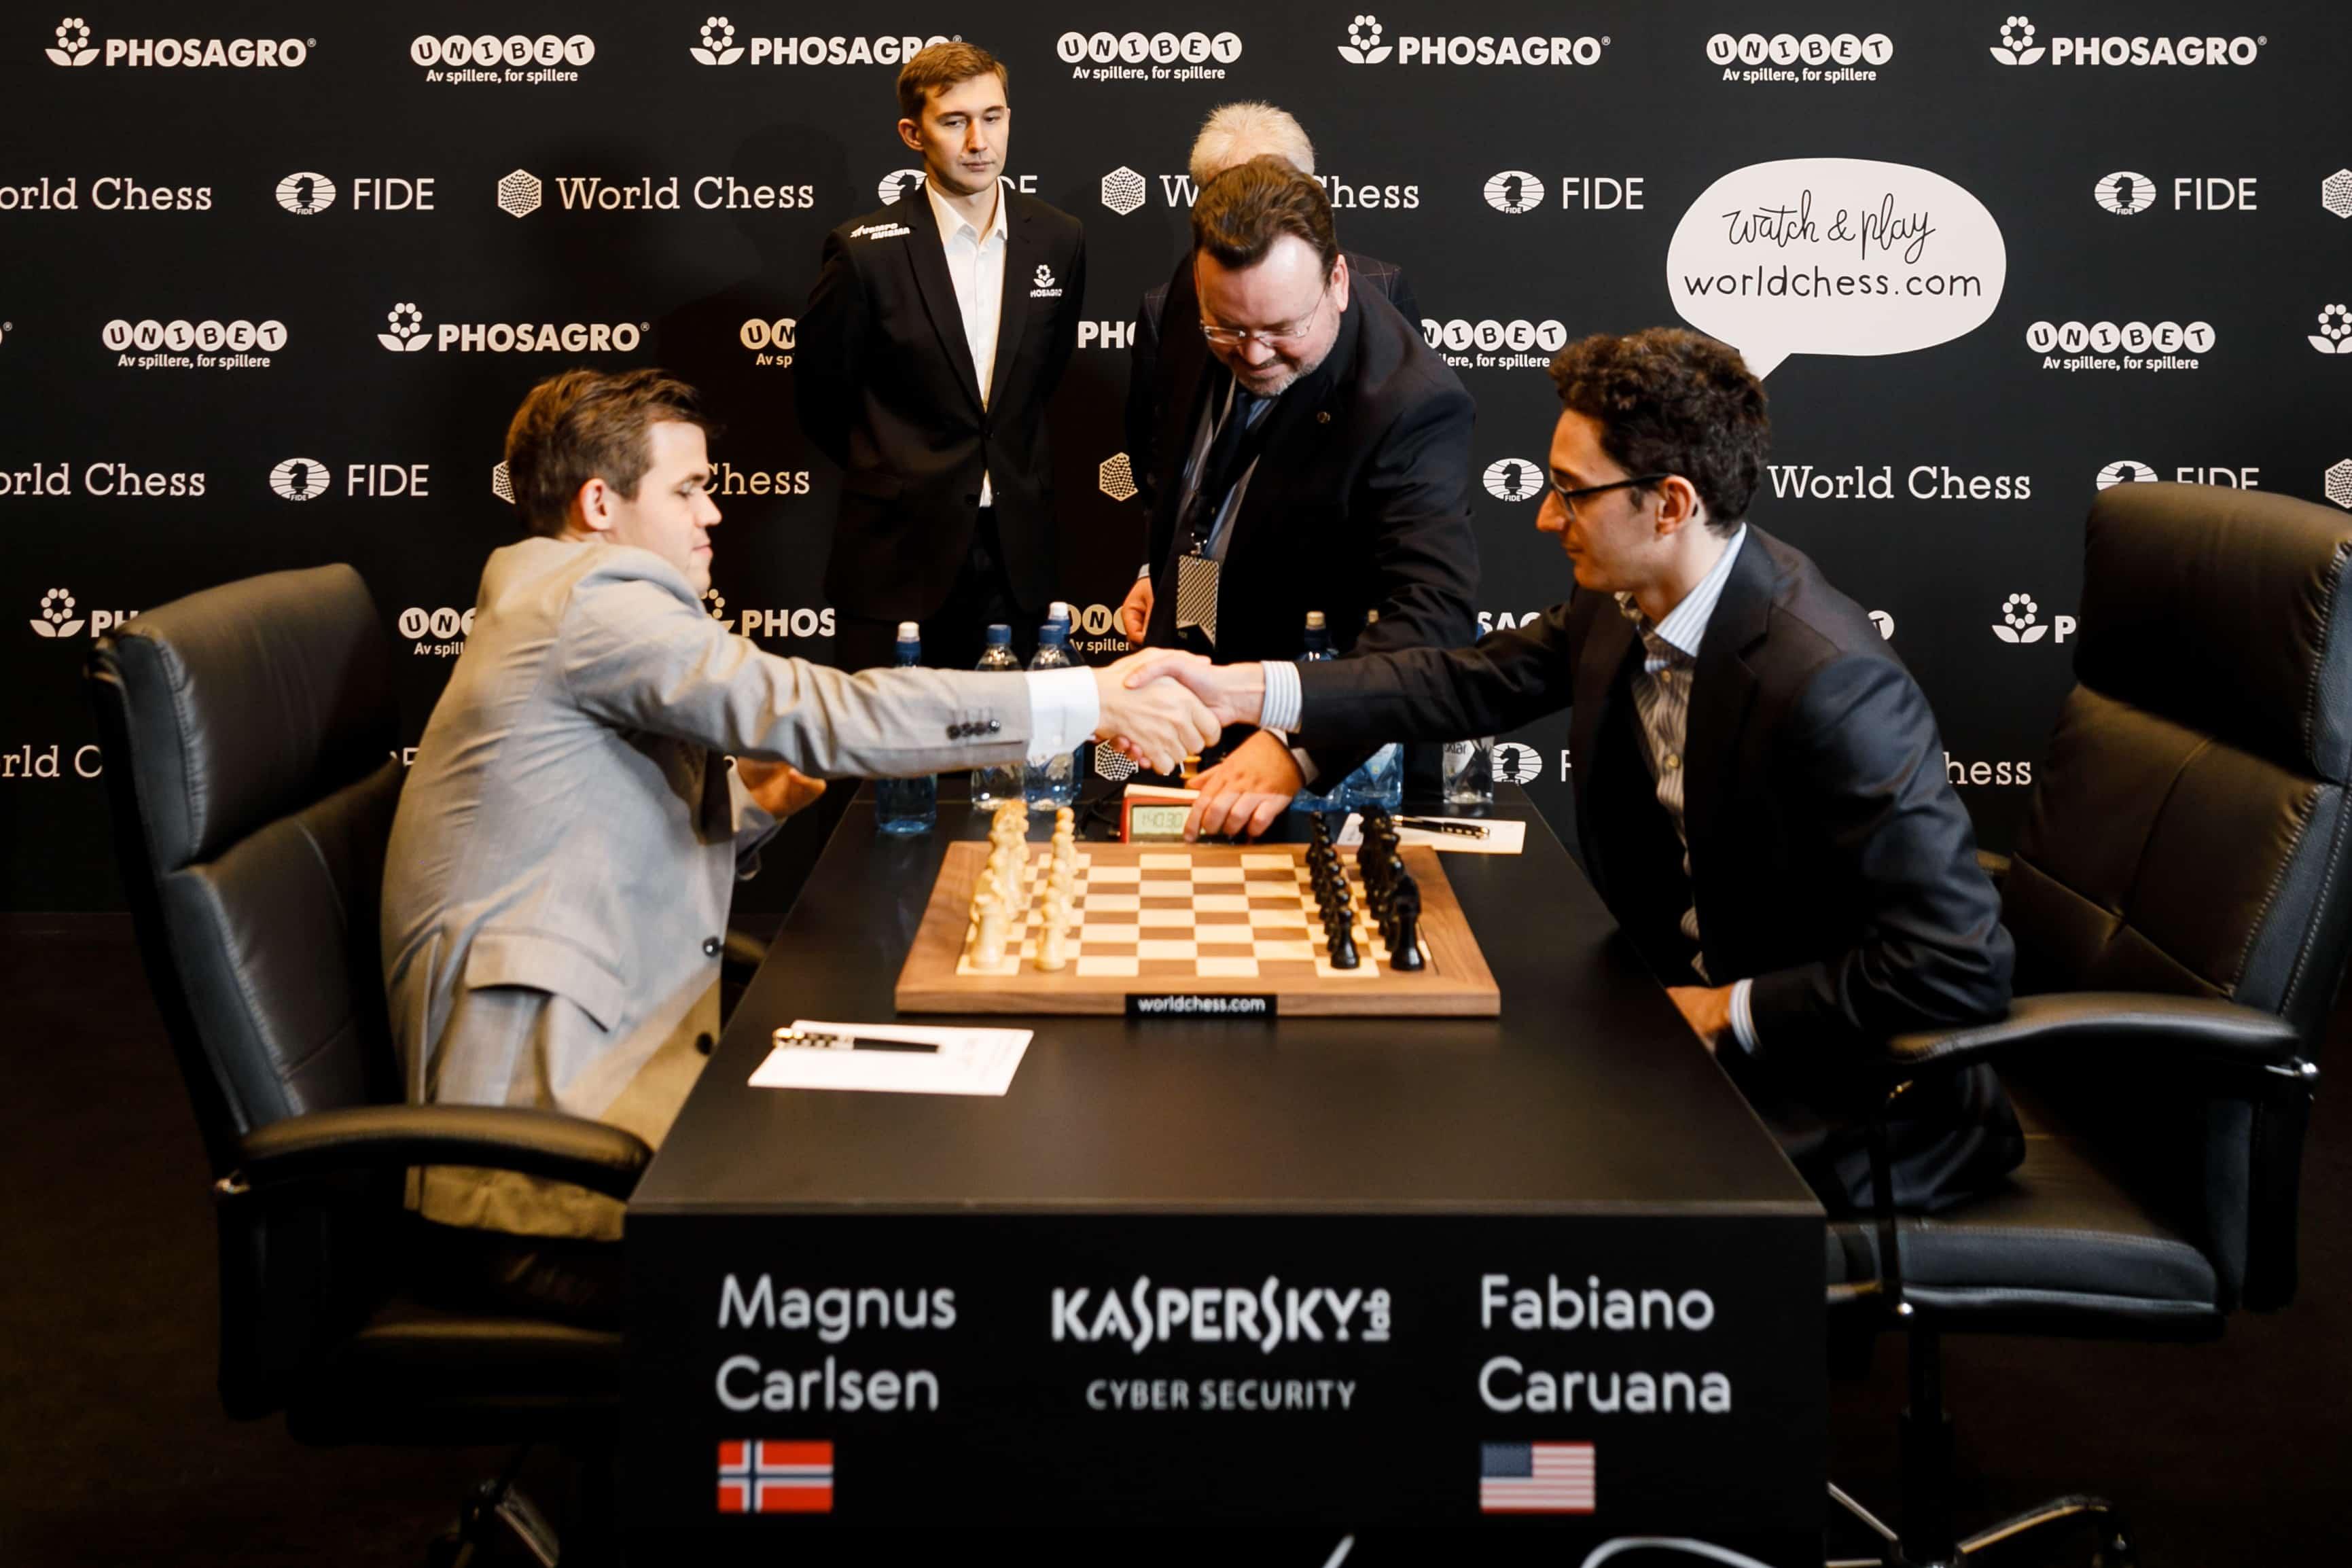 Magnus Carlsen and Fabiano Caruana shake hands to start Game 11